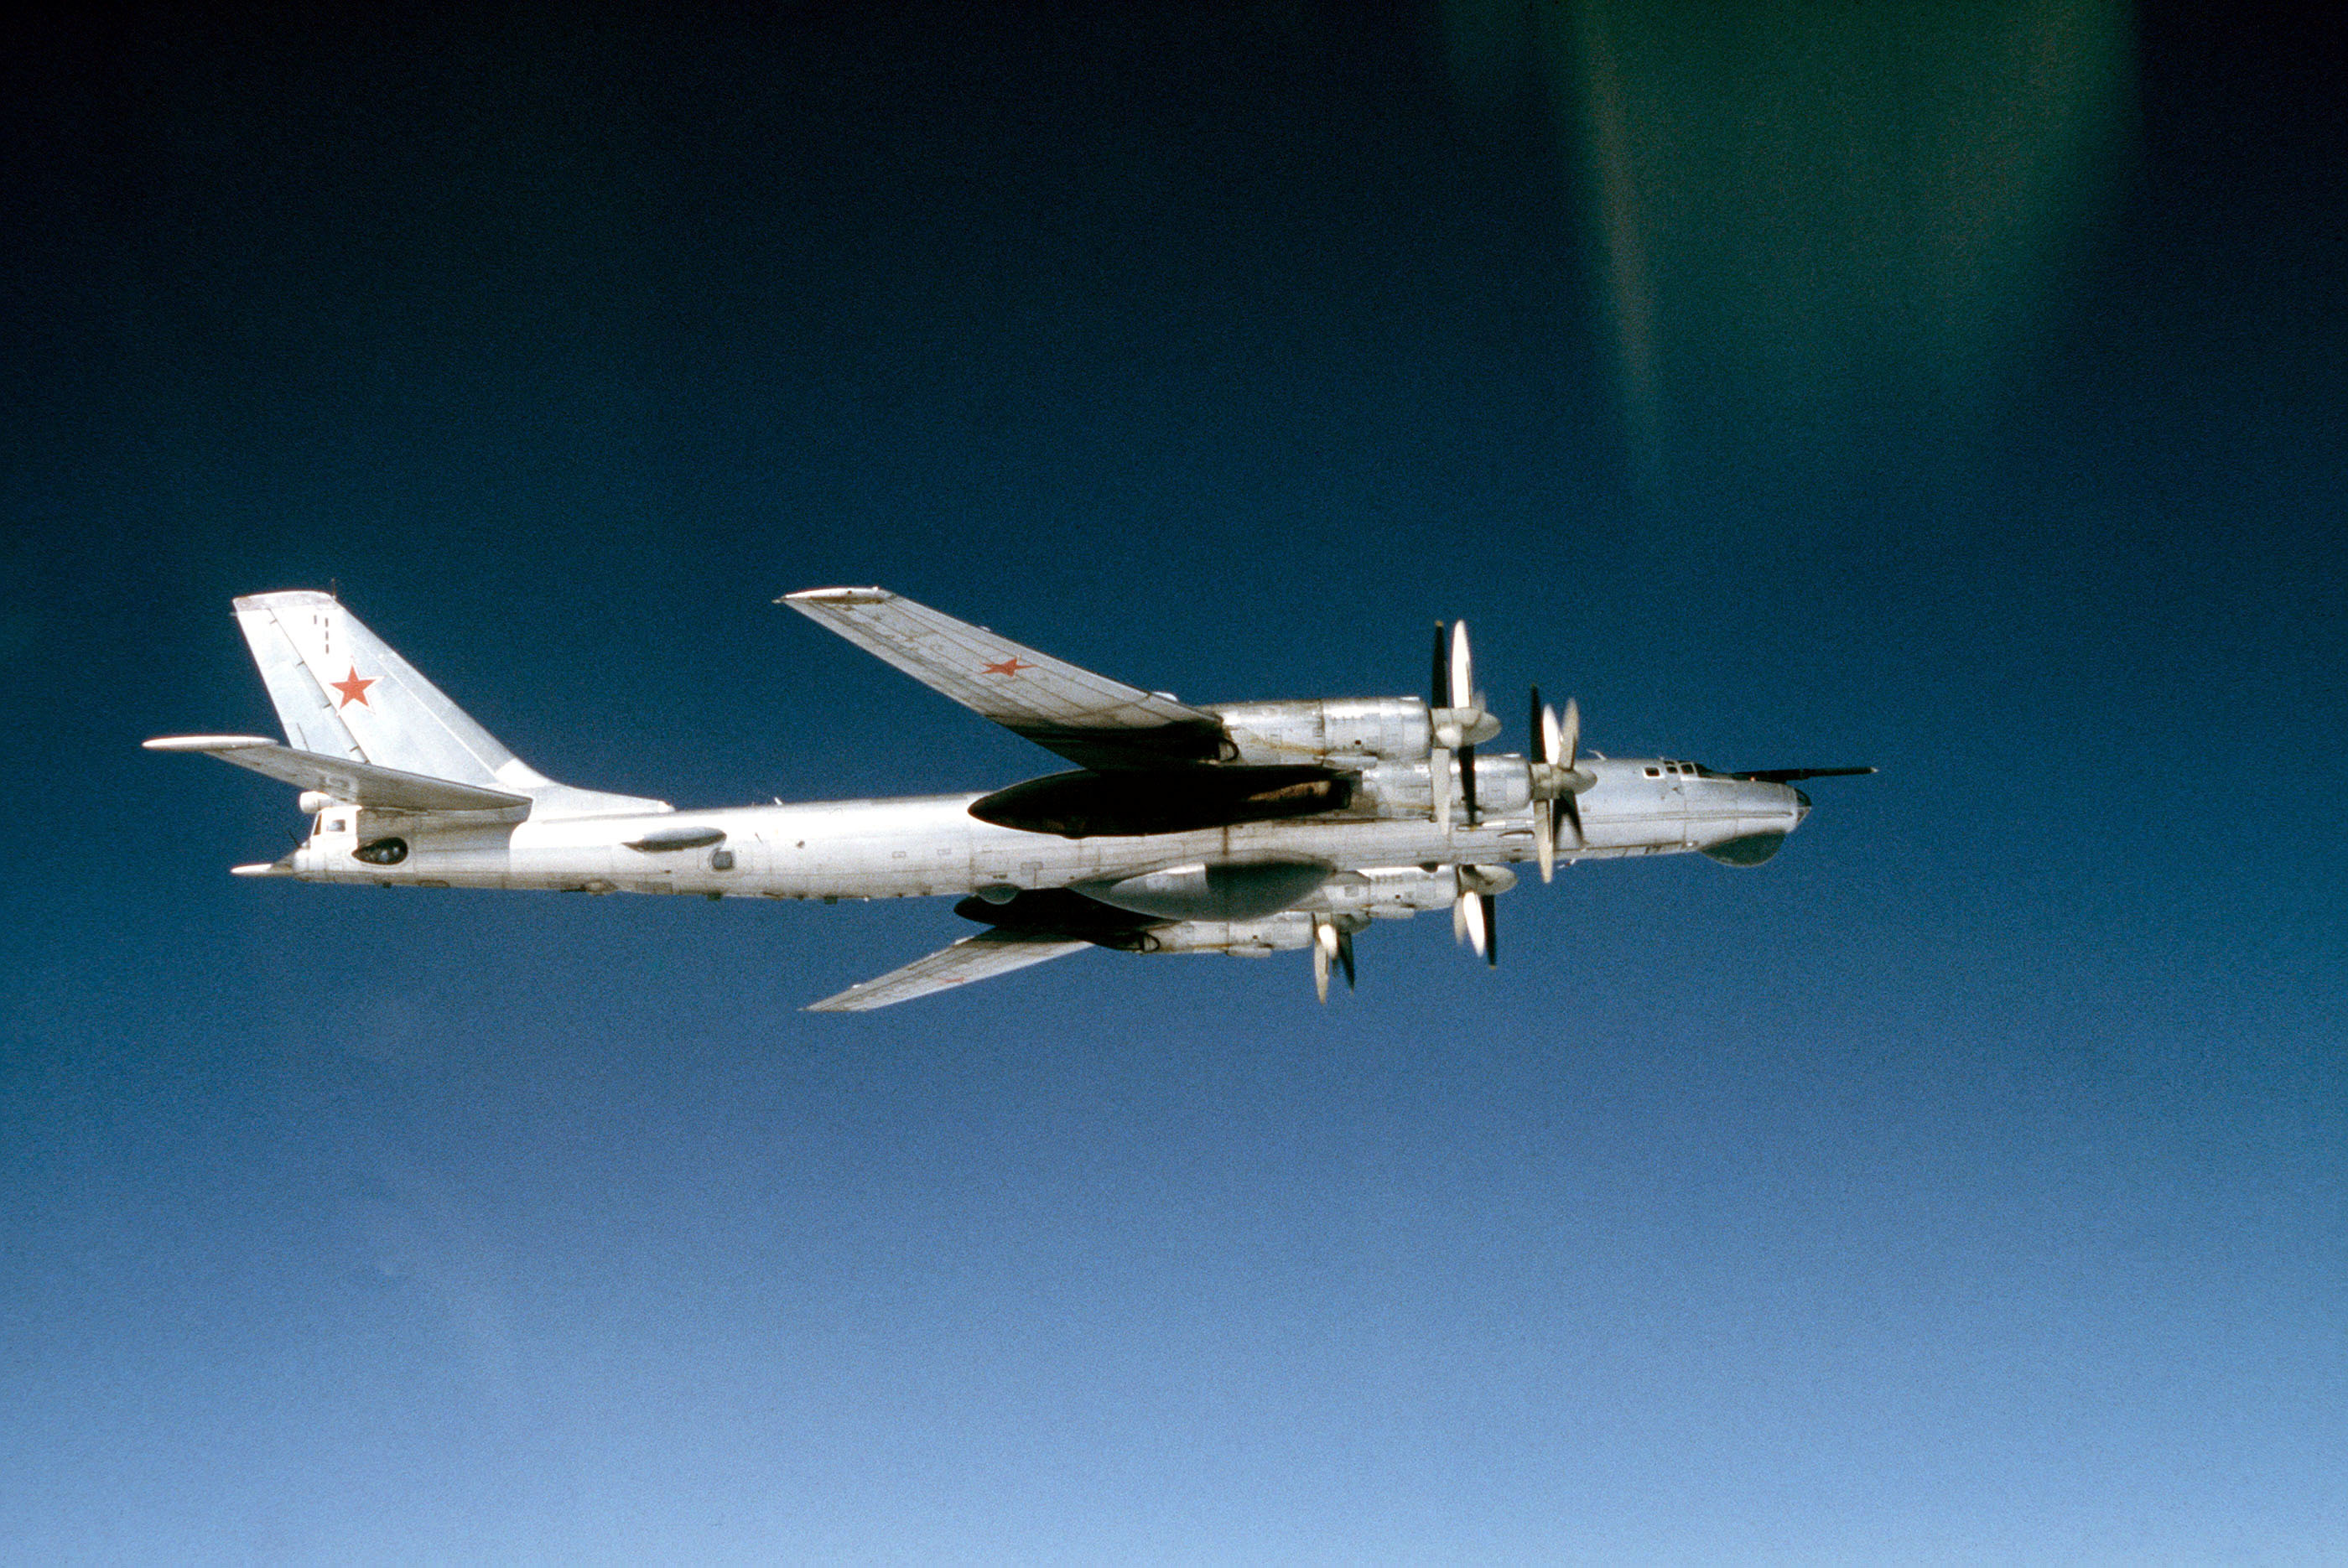 O Tsar Bomba era tão grande que era duvidoso que pudesse ser prático lançar a bomba por um bombardeiro soviético.